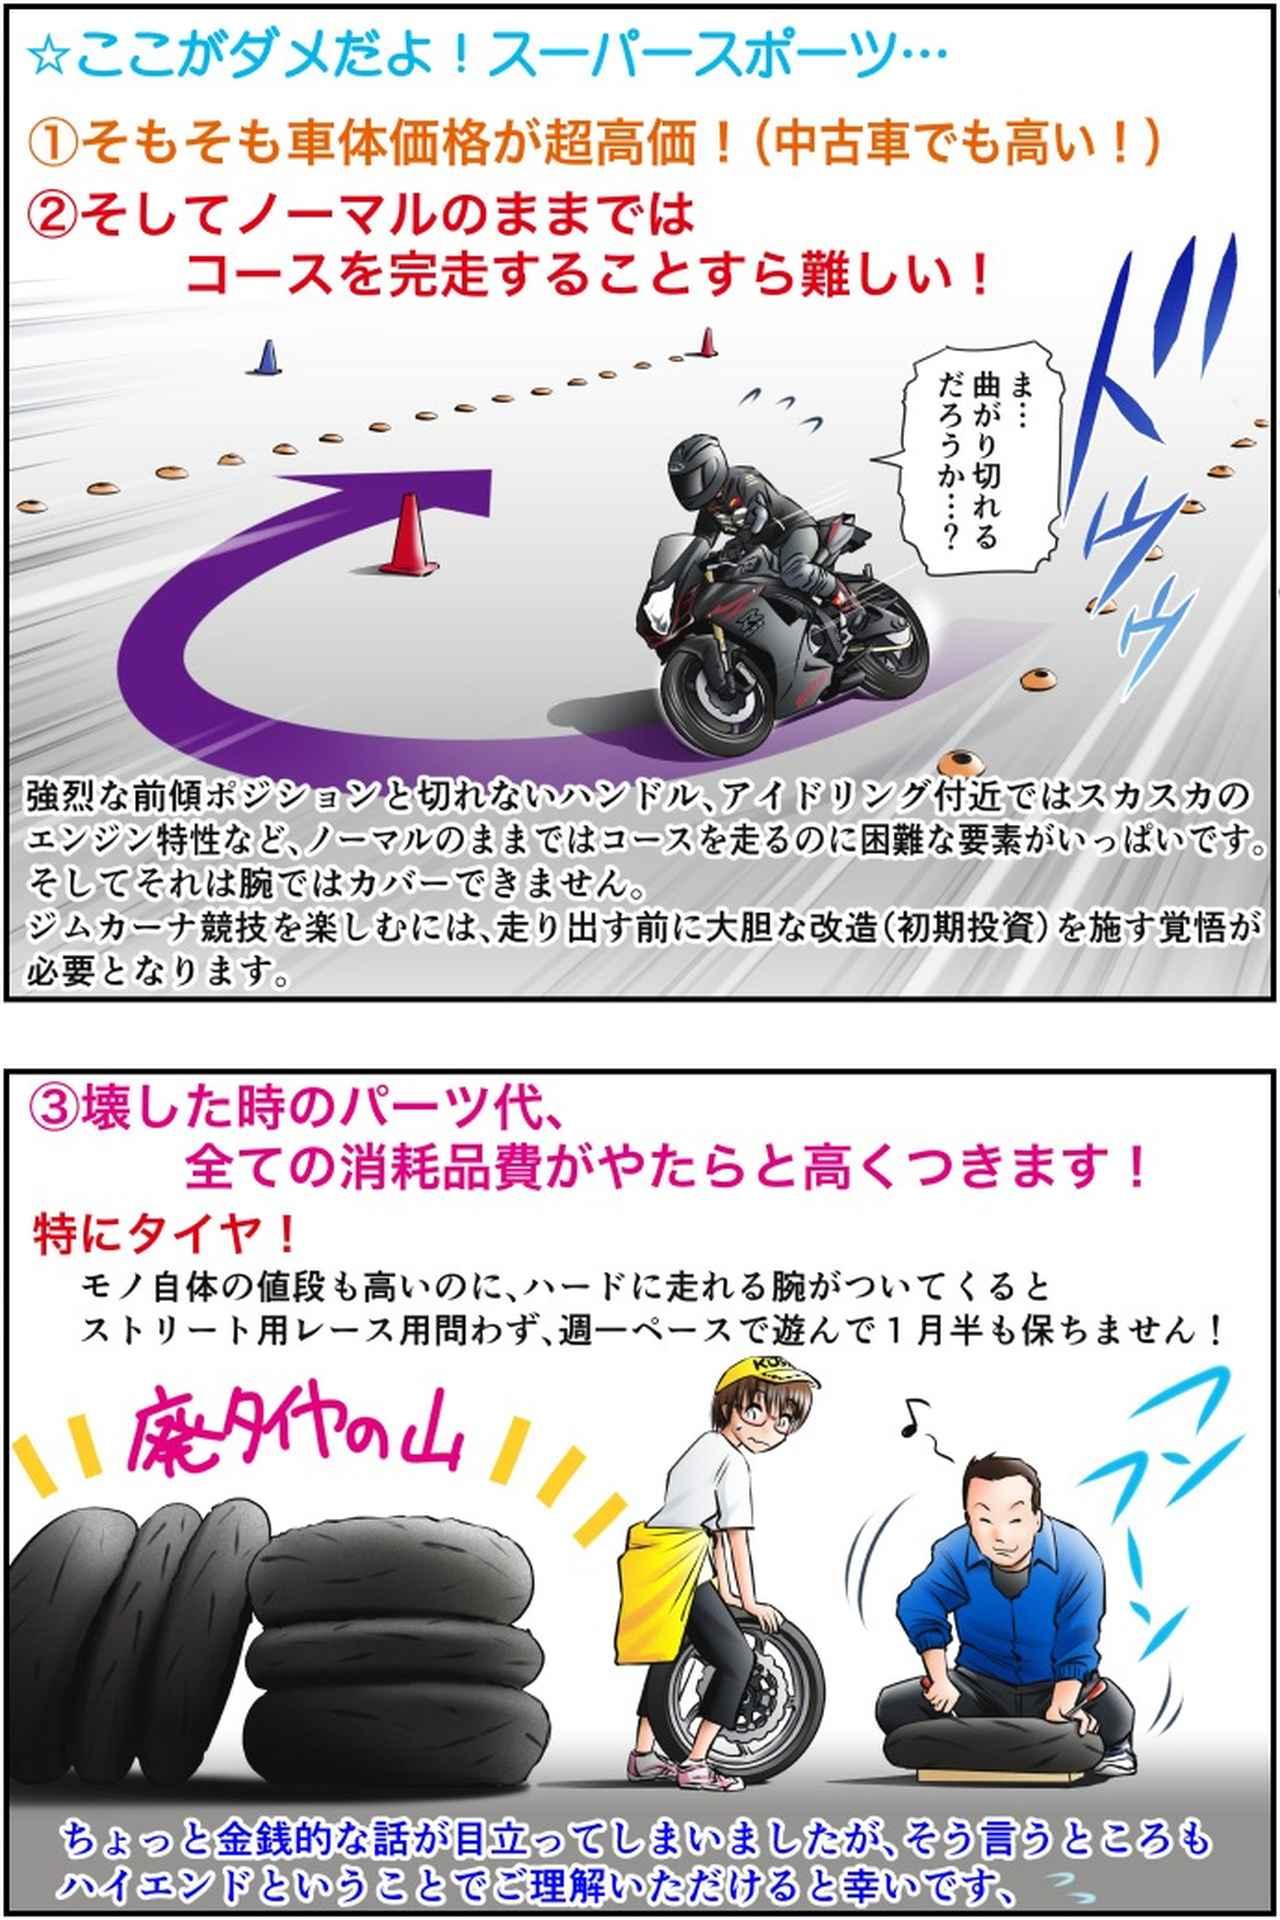 画像3: Motoジム! おまけのコーナー (ジムカーナマシンとしてのスーパースポーツのあれこれ!)  作・ばどみゅーみん